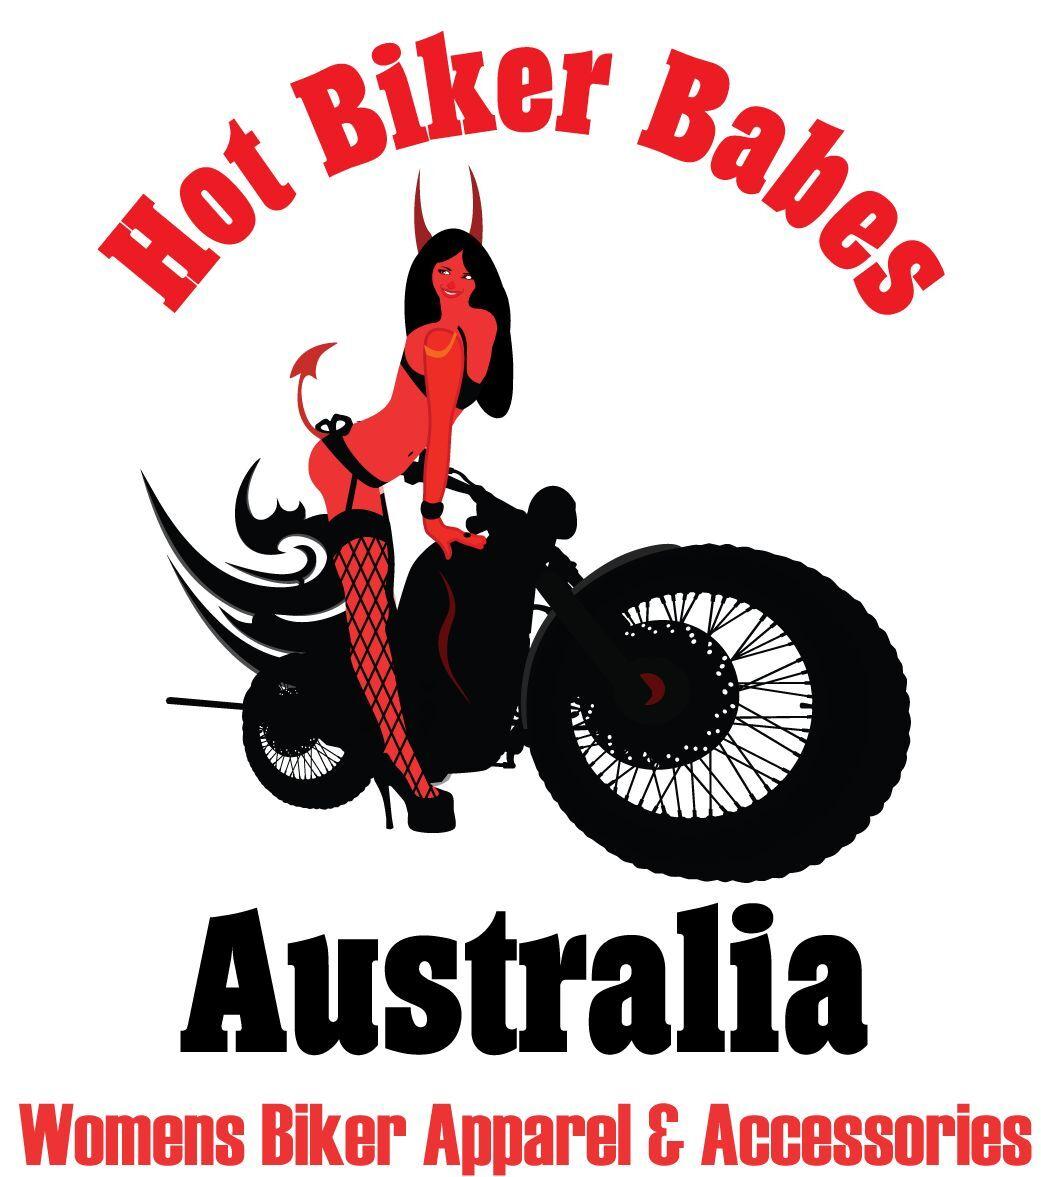 Hot Biker Babes Australia